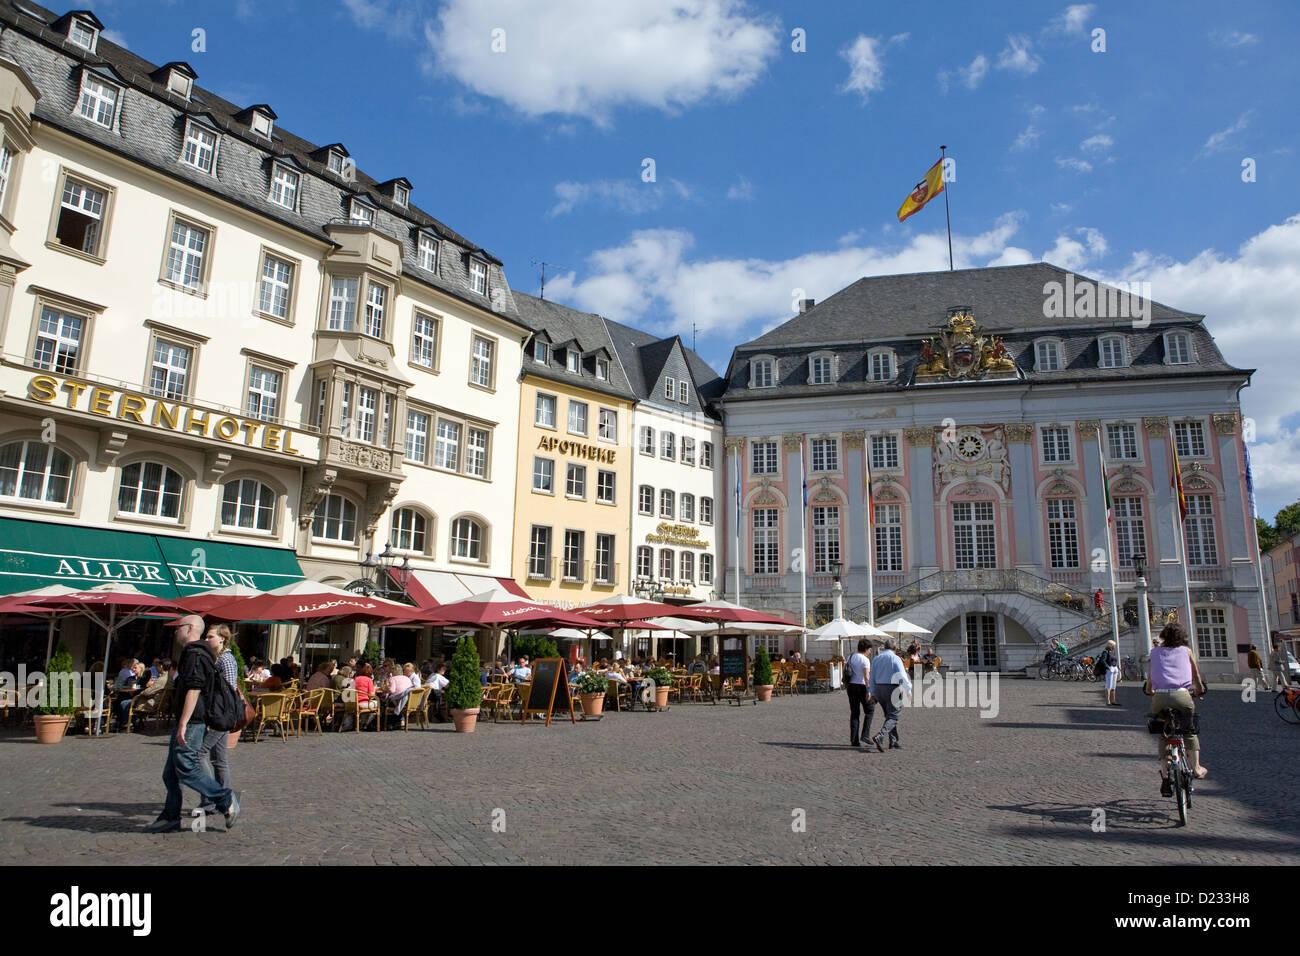 Star Hotels In Bonn Germany